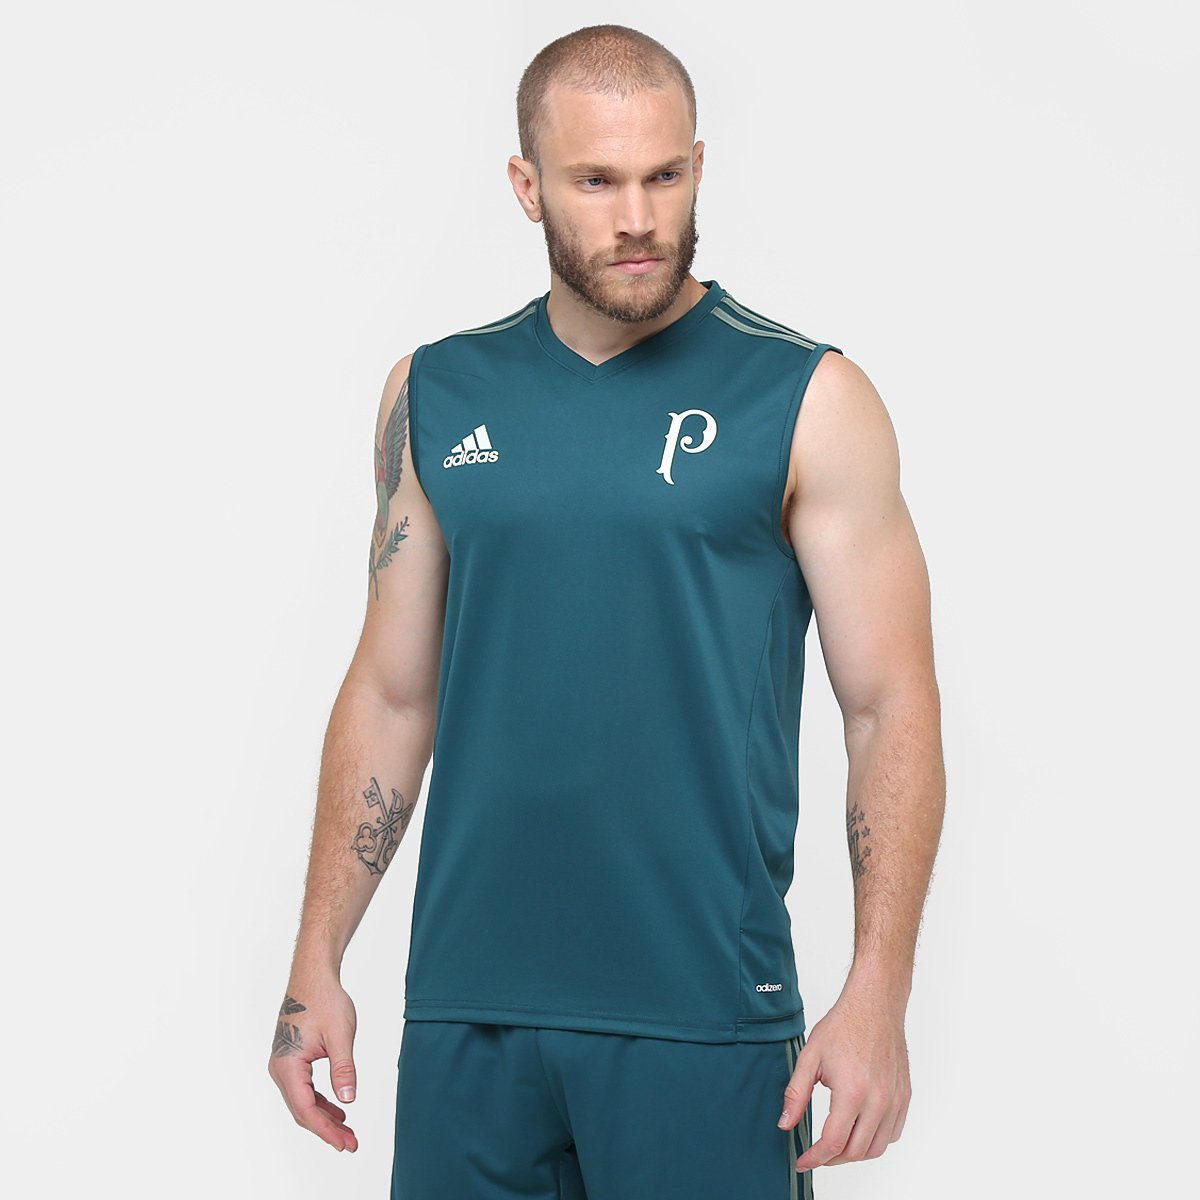 628d64010630a Regata Palmeiras Treino 17 18 Adidas Masculina - Compre Agora ...